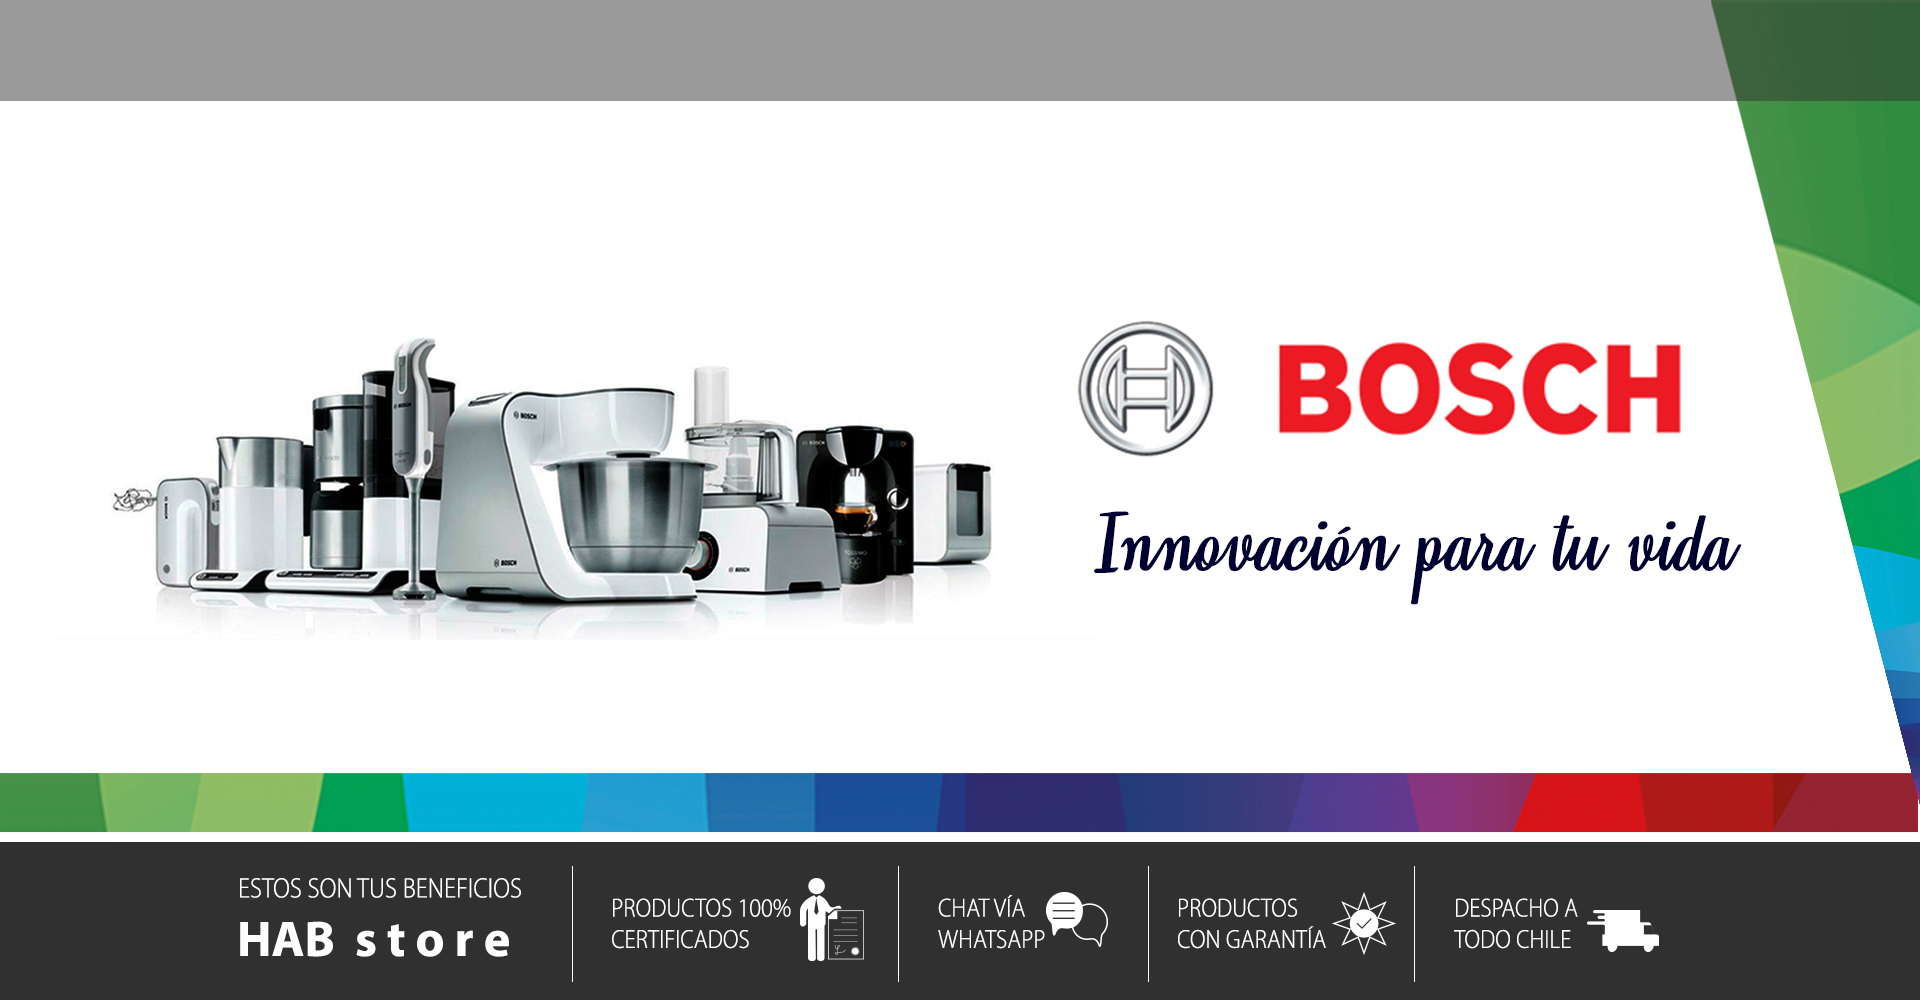 Bosch_01.jpg